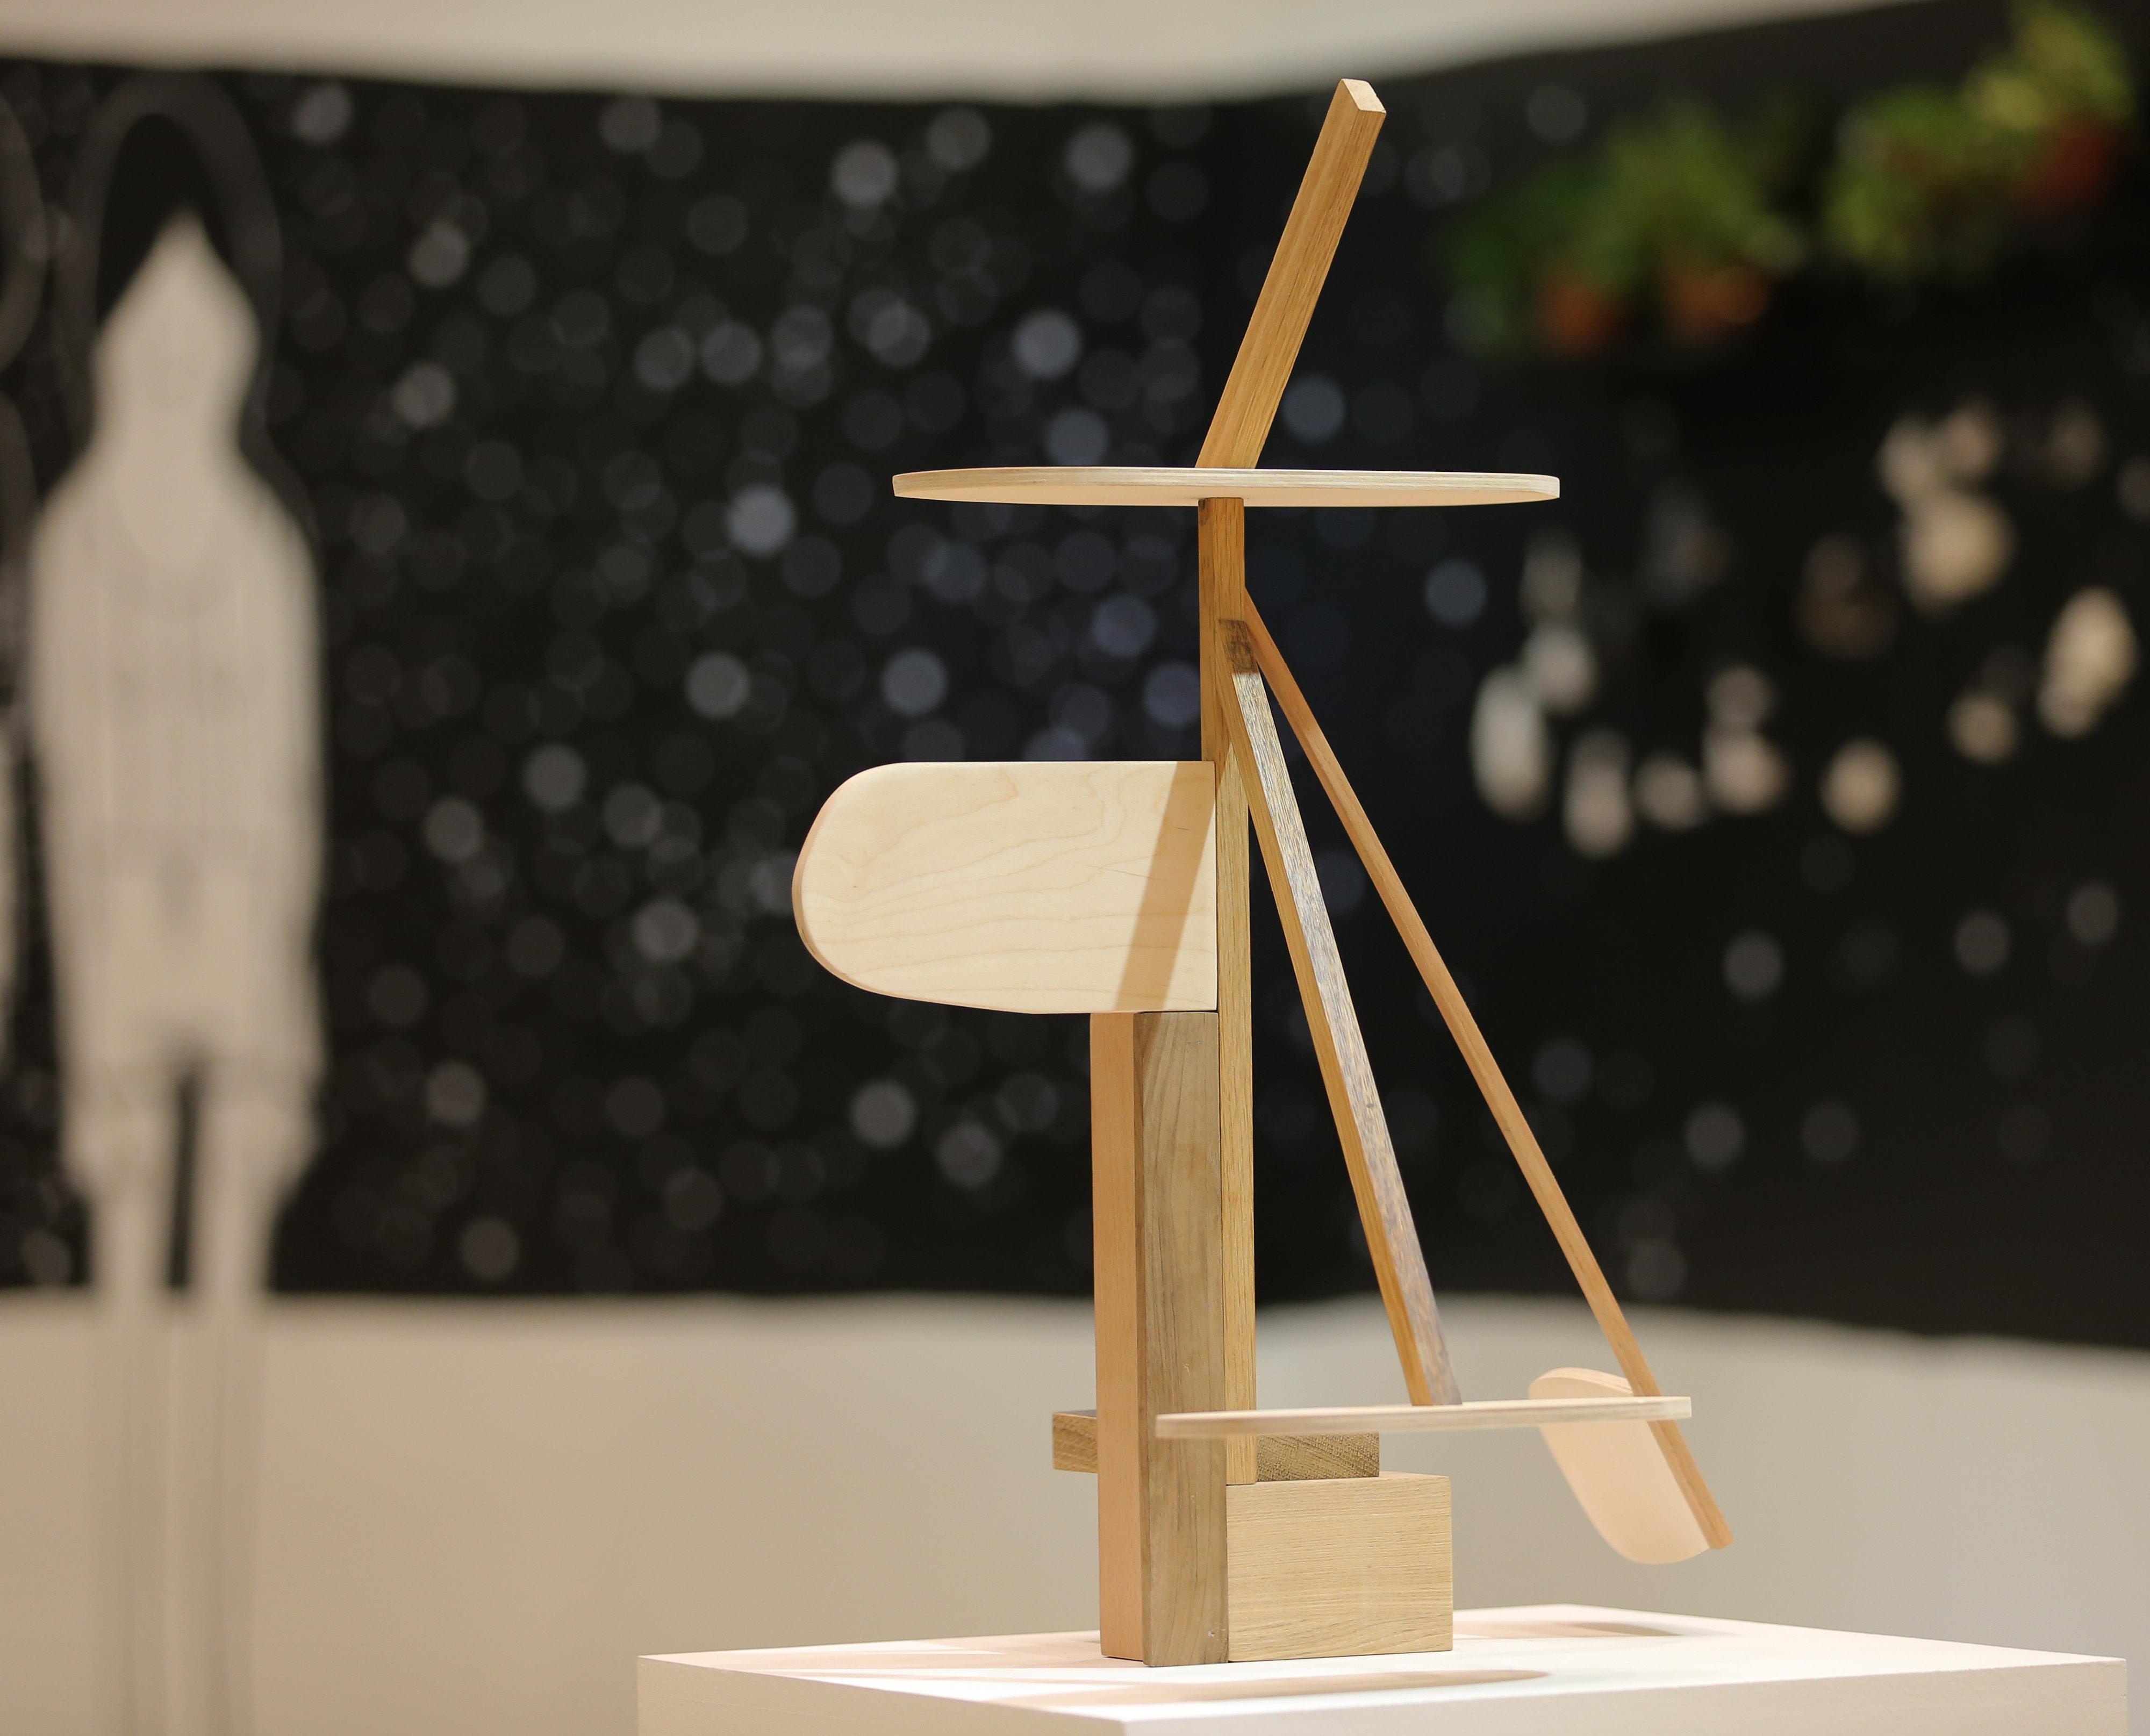 Entre los representantes latinoamericanos de la Bienal, se encuentra Pablo Benzo de Chile